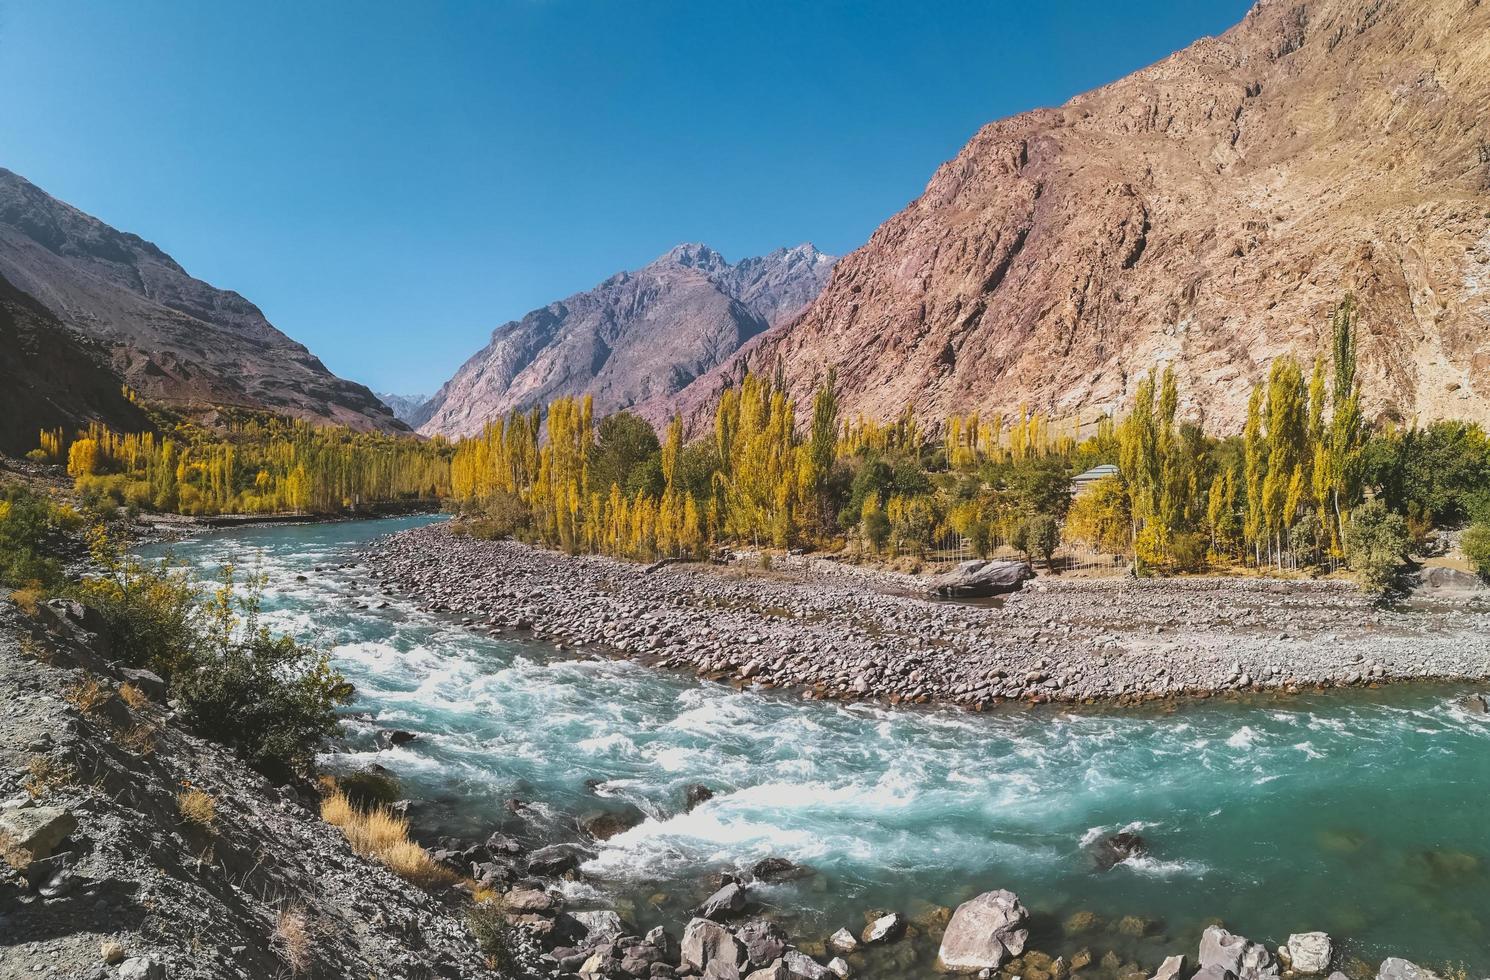 Winding river flowing through Hindu Kush mountain range in autumn photo